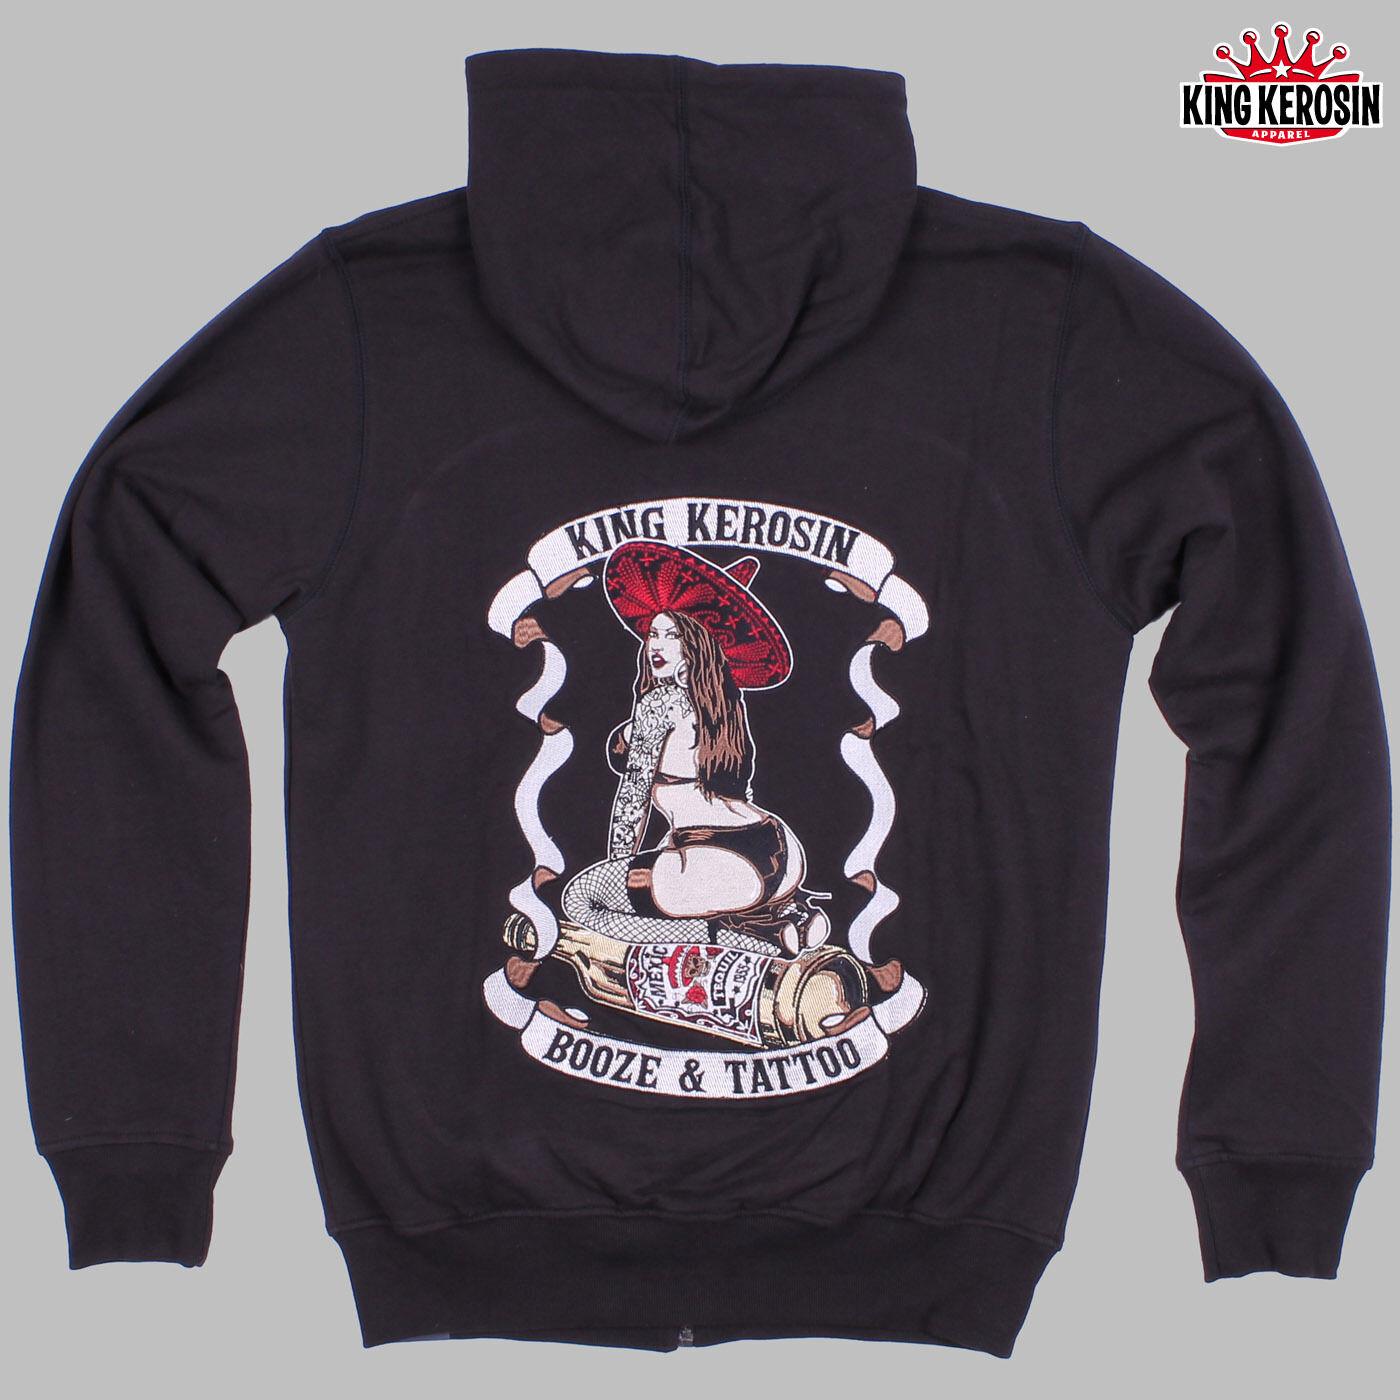 King Kerosin Zip Hoodie  Booze and Tattoo  - Rockabilly Biker Street Wear NEU